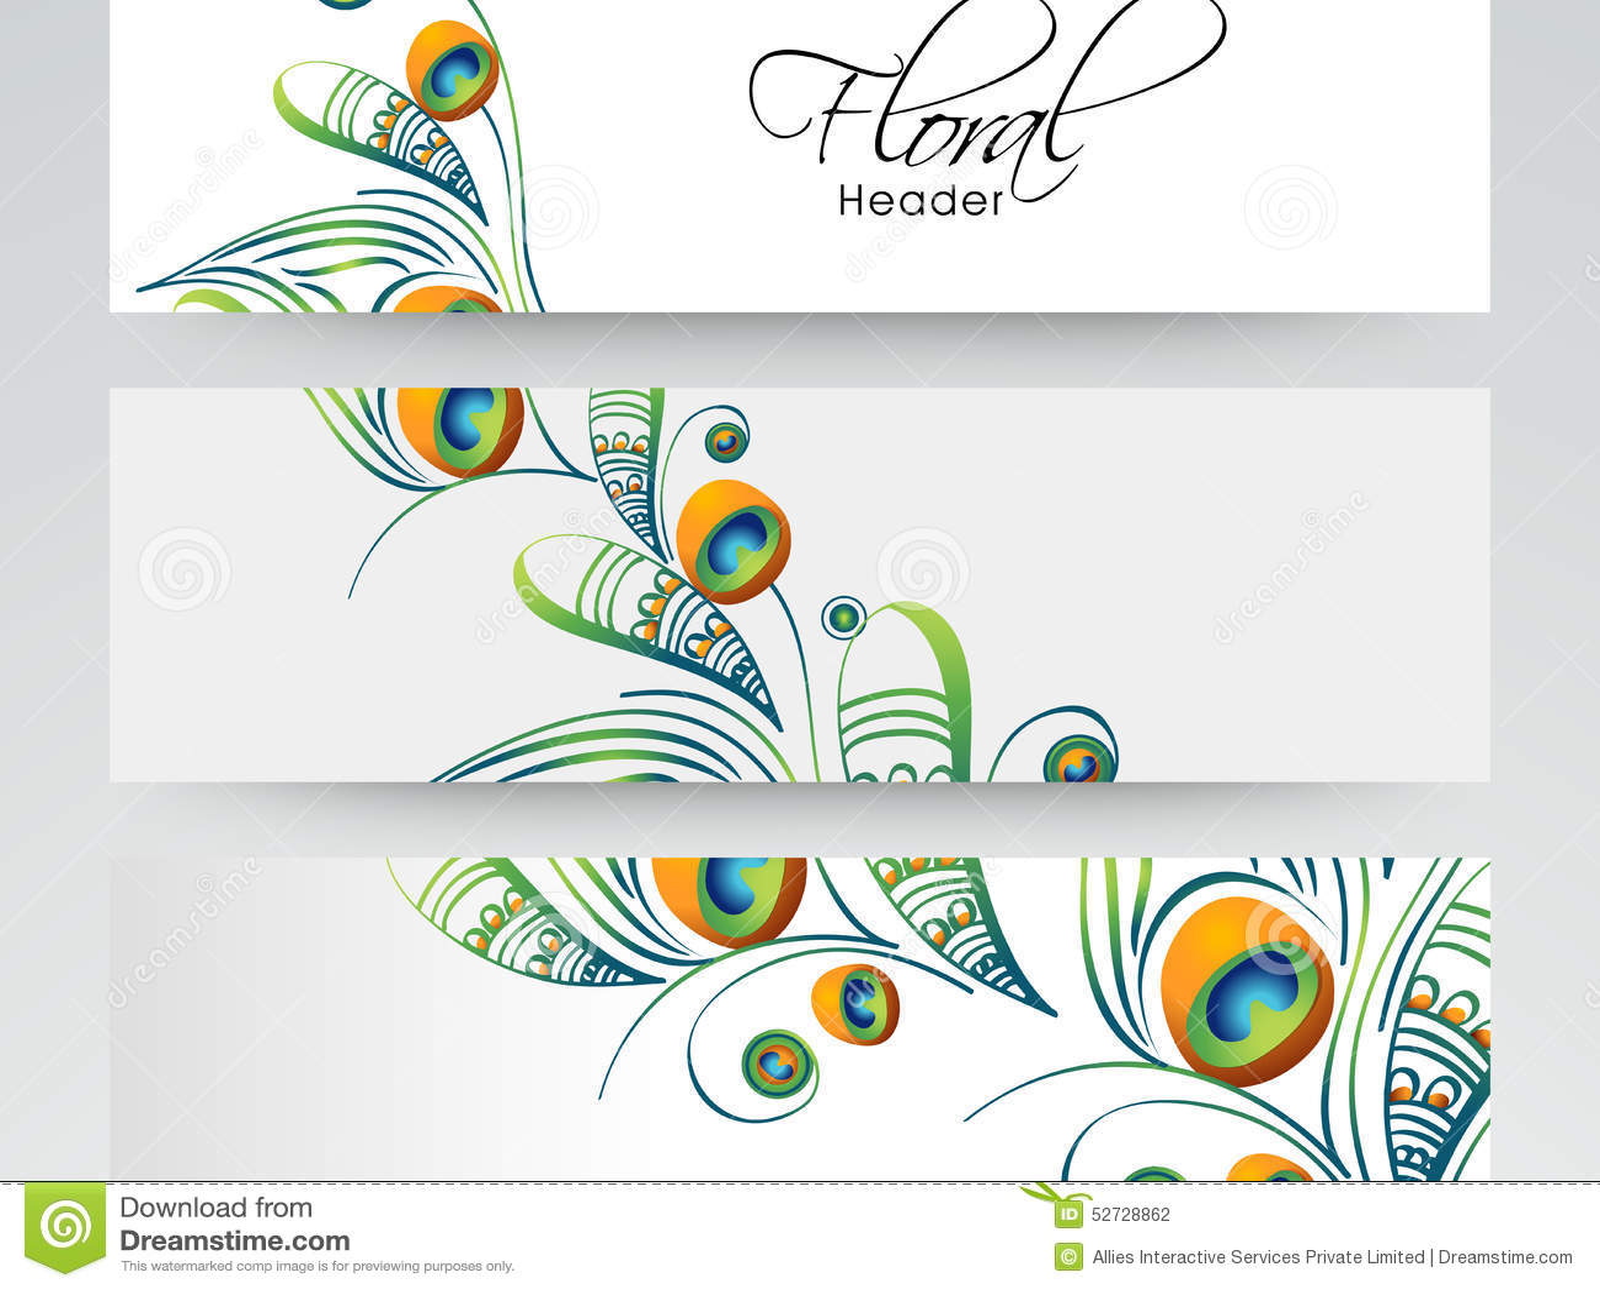 Floral website header or banner design stock photo for Free online drawing websites